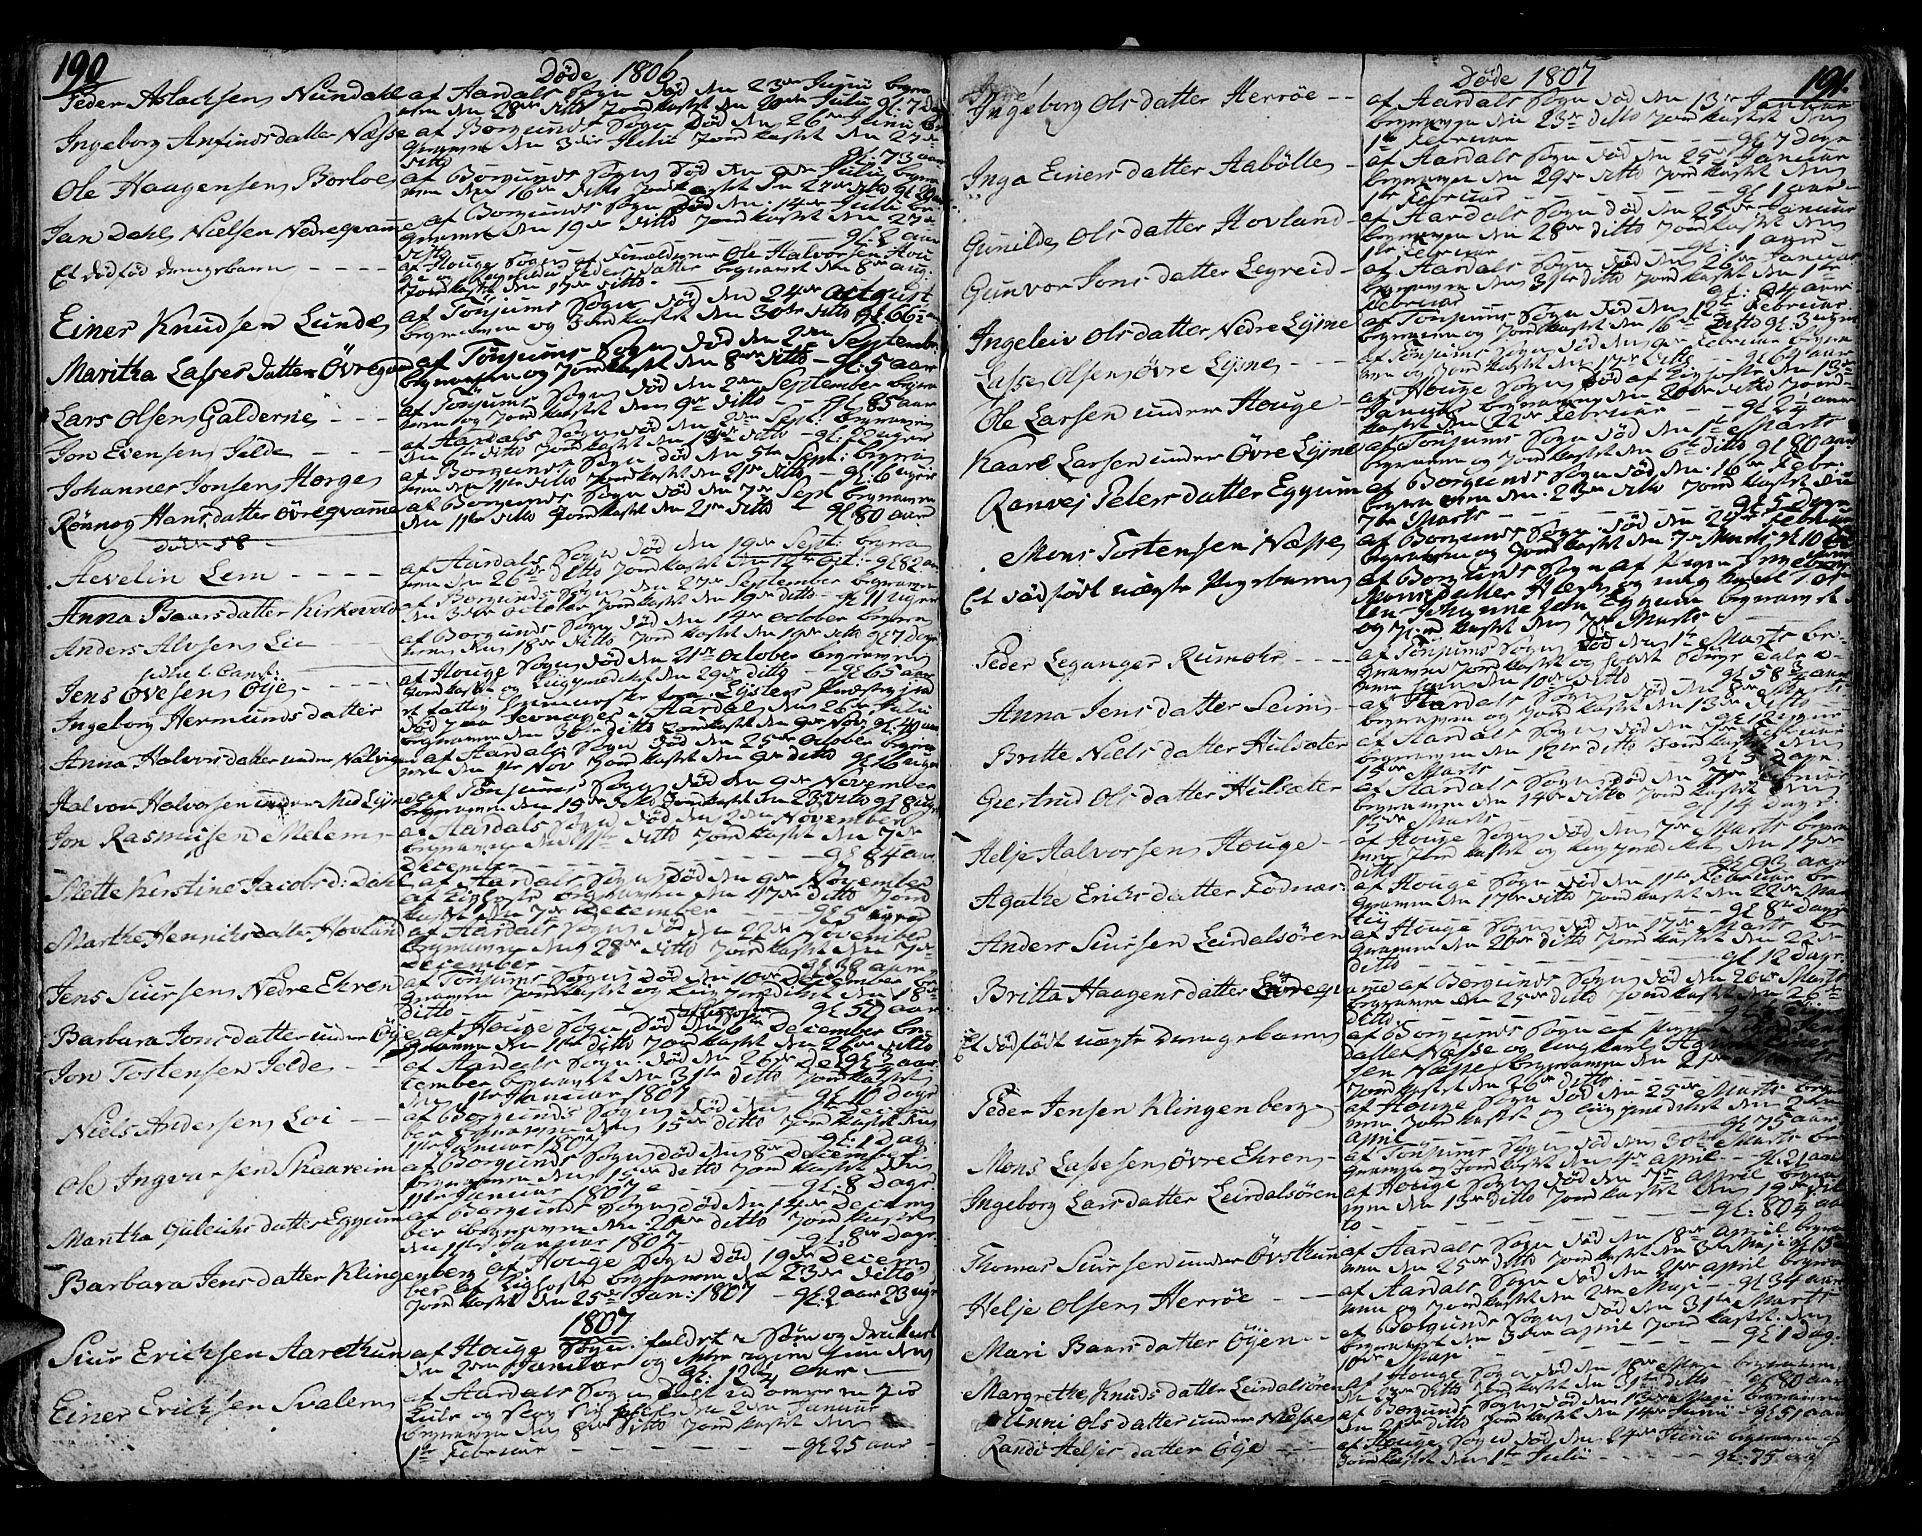 SAB, Lærdal sokneprestembete, Ministerialbok nr. A 4, 1805-1821, s. 190-191